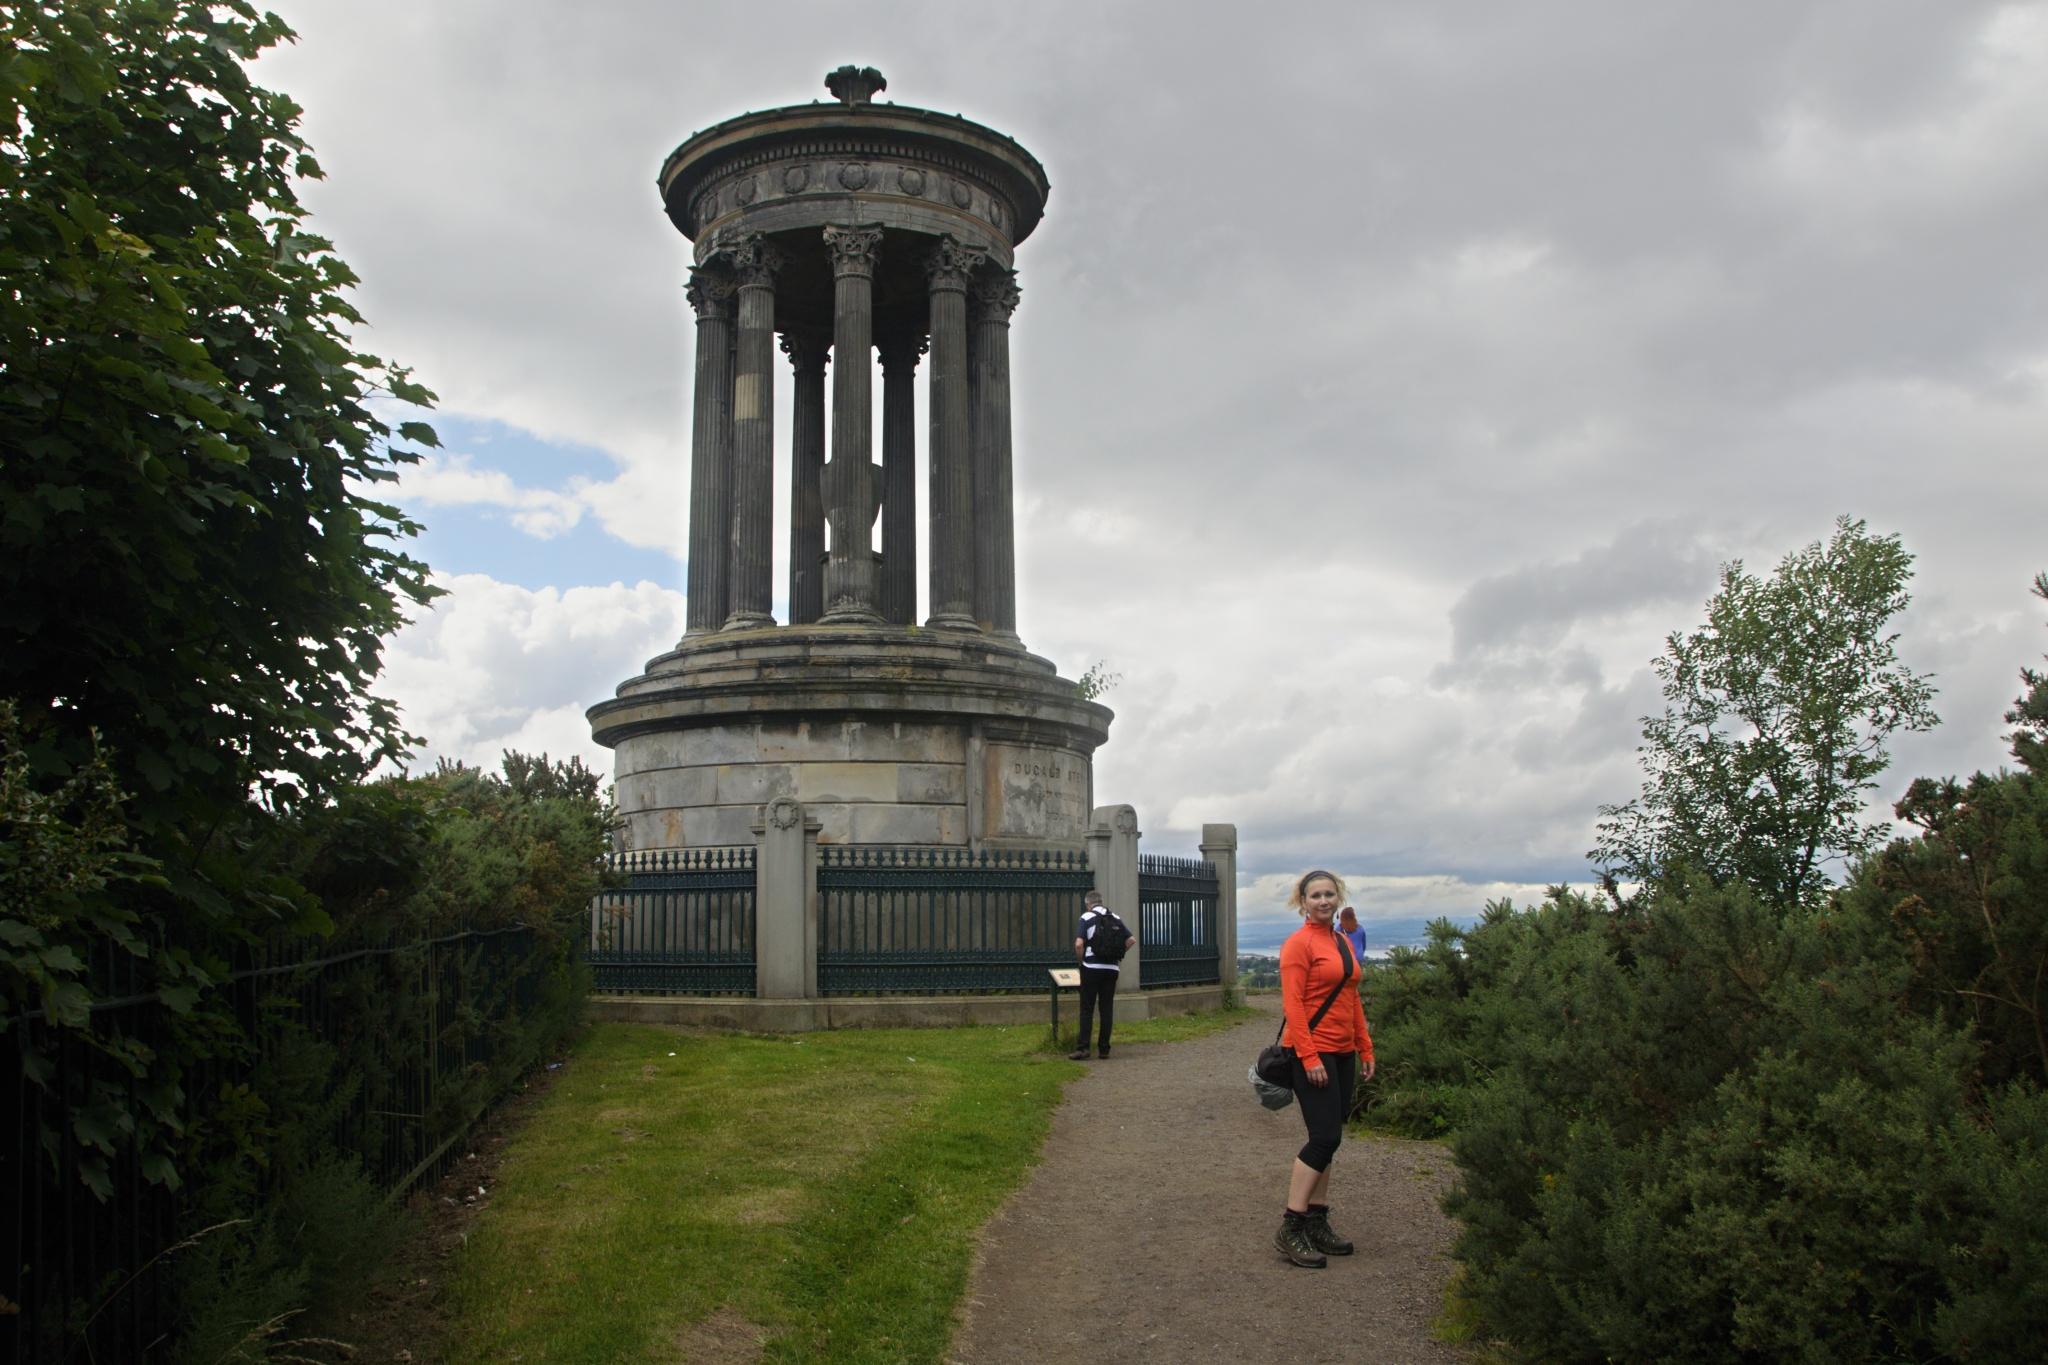 Památník Dugalda Stewarta, skotského filozofa přelomu 18. a 19. století